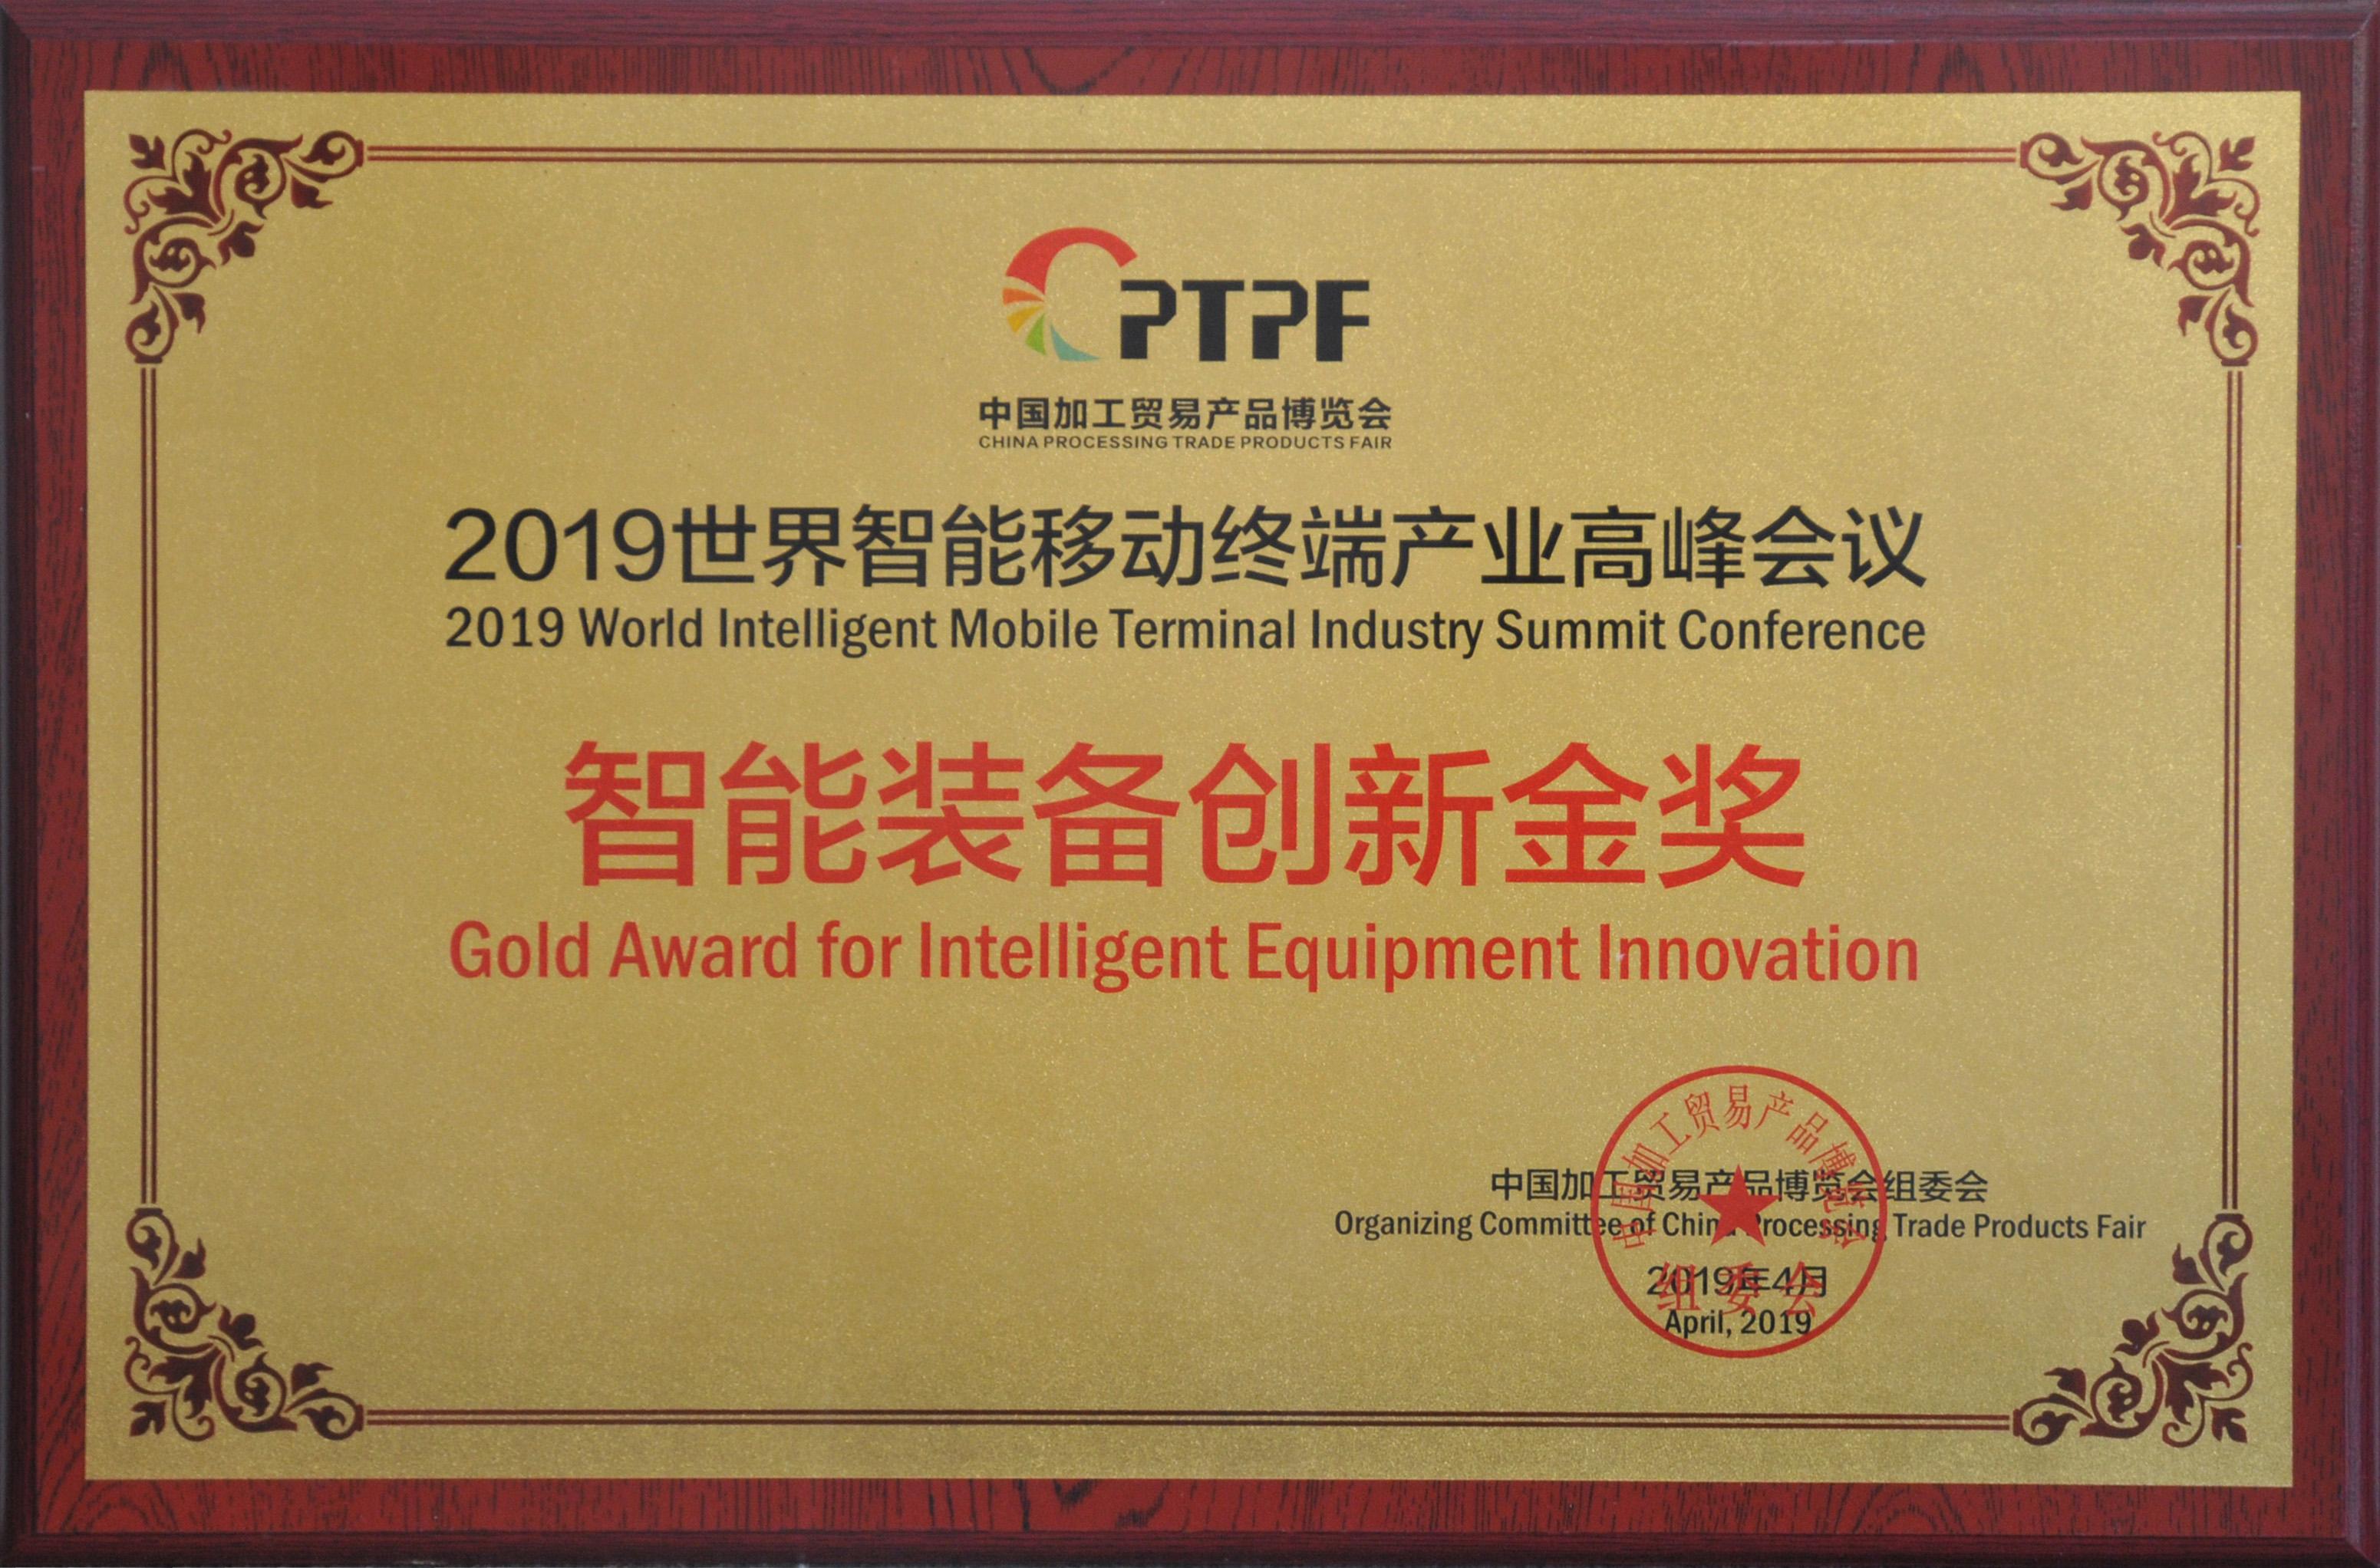 第十一届中国加工贸易产品博览会 2019世界智能移动终端产业高峰会议 智能装备创新金奖